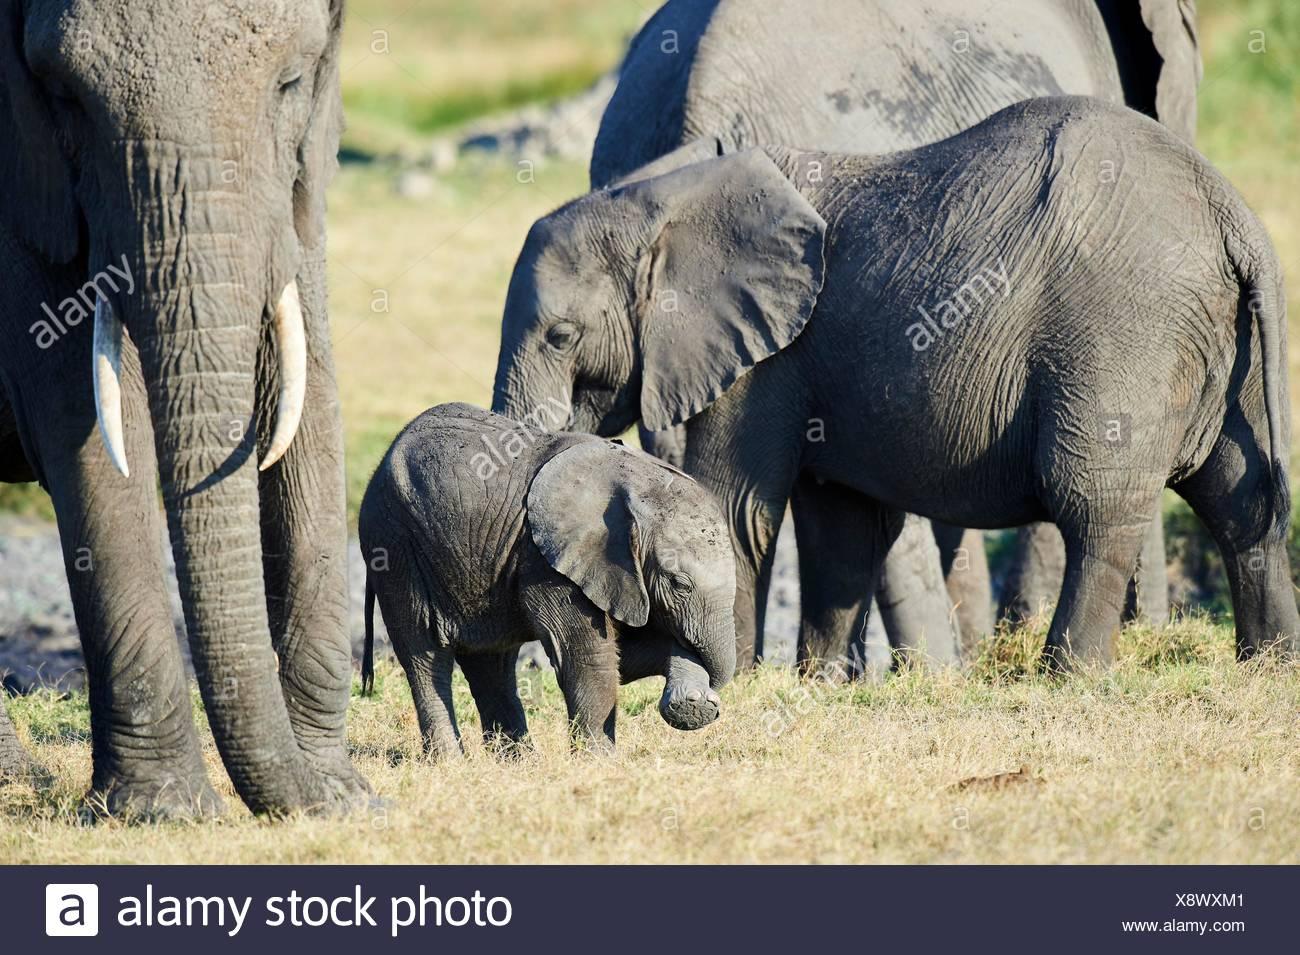 Famille d'éléphants d'Afrique avec la mère et jeune veau (Loxodonta africana), Duba Plains, Okavango Delta, Botswana, Afrique du Sud. Banque D'Images